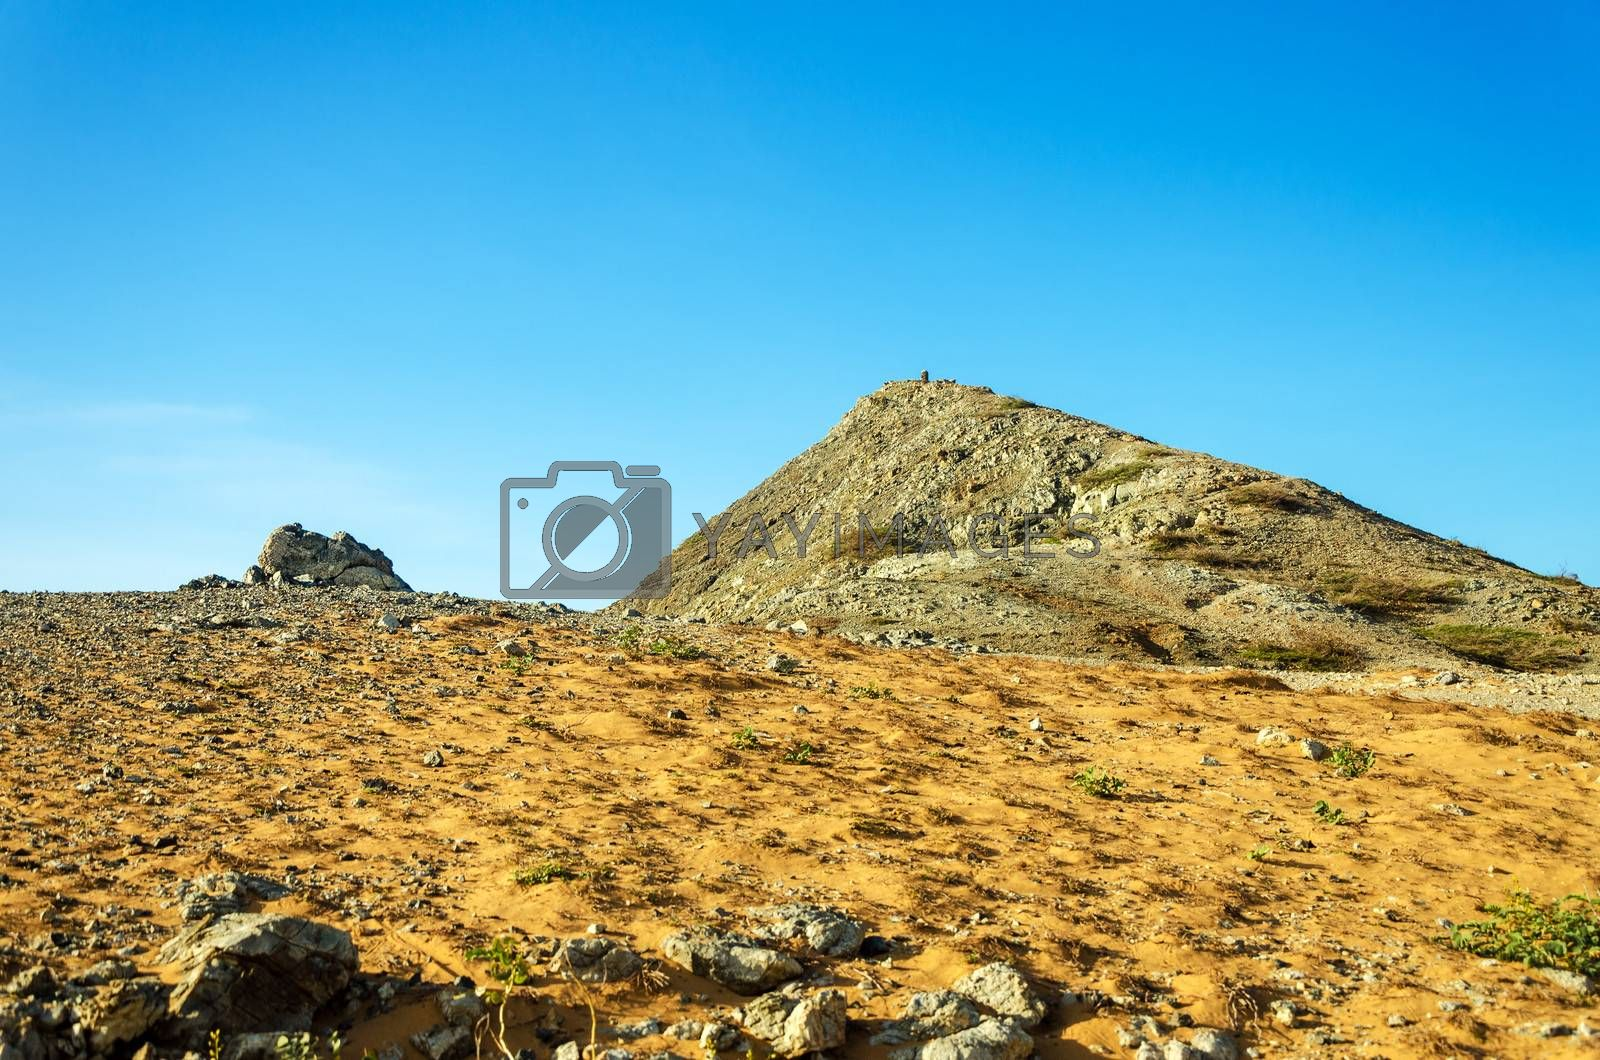 Pilon de Azucar hill rising above a dry barren desert in La Guajira, Colombia